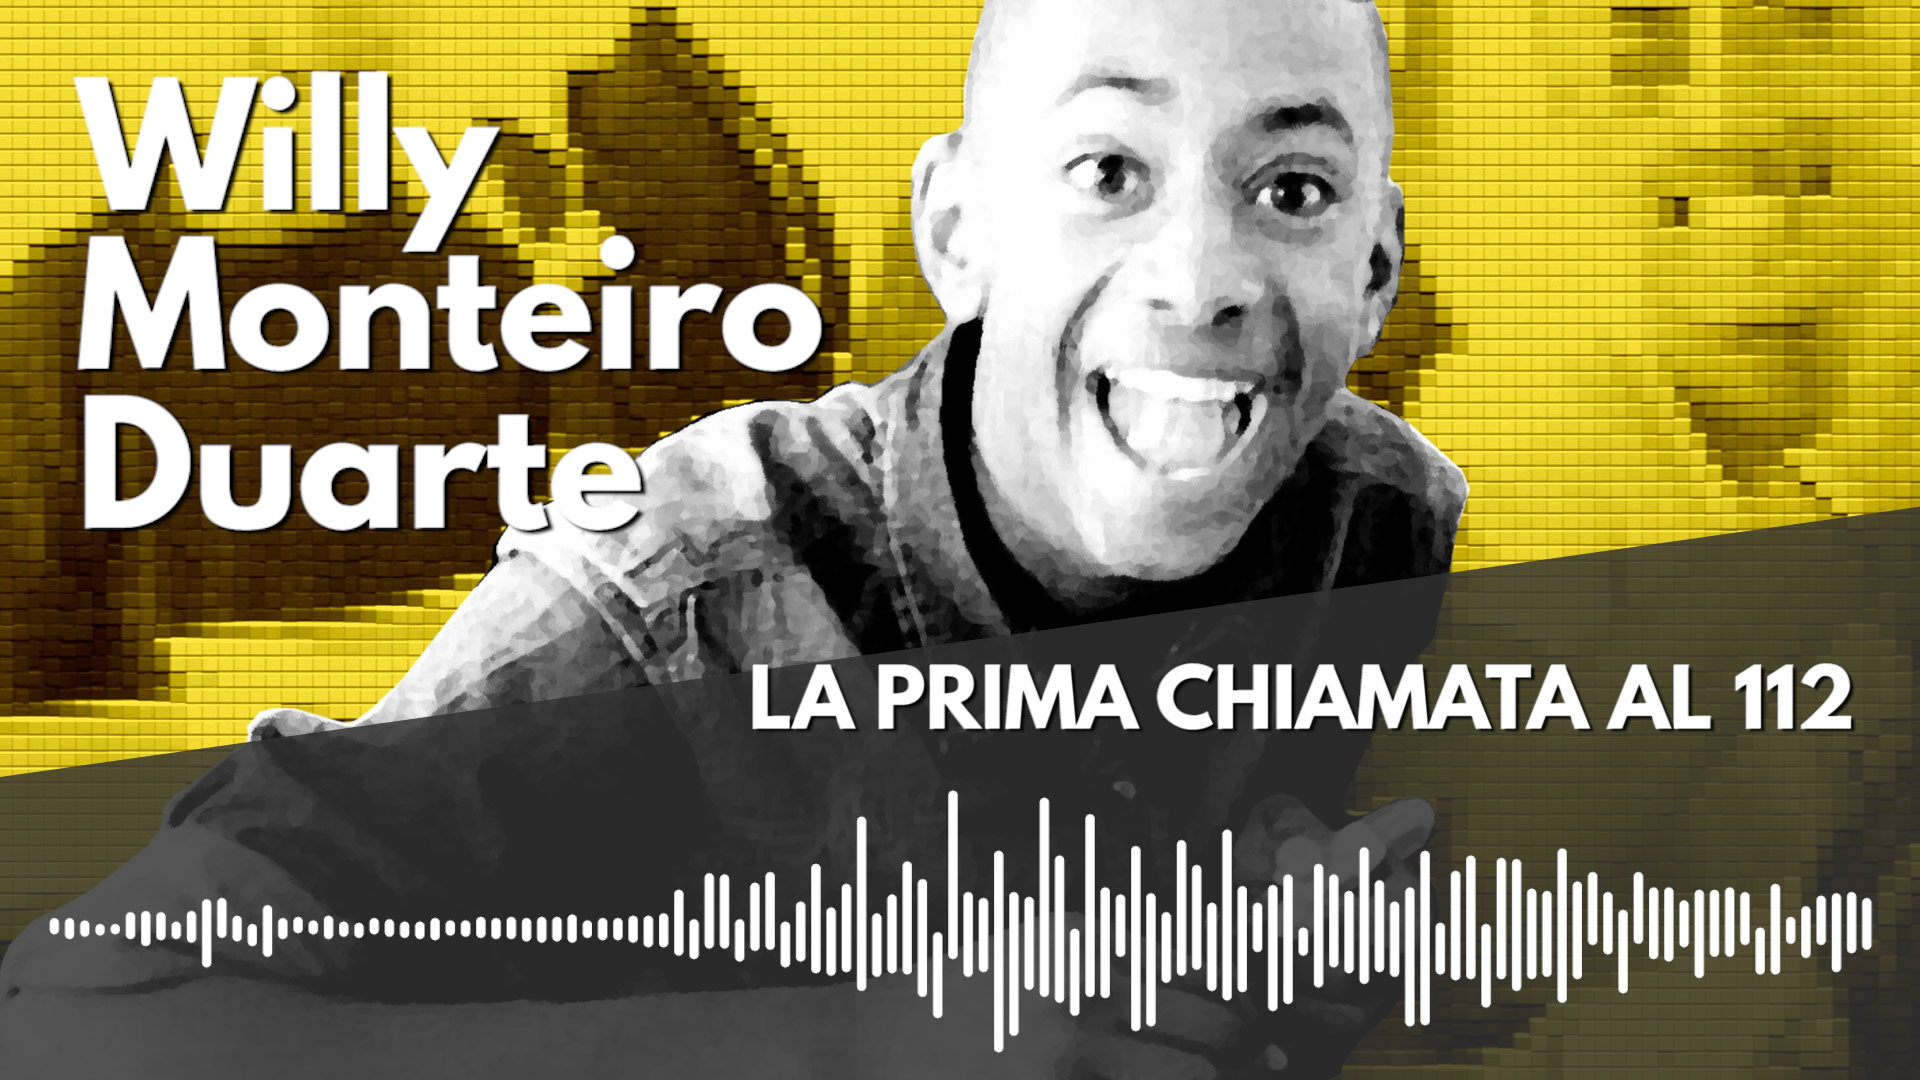 Omicidio di Colleferro, la prima telefonata al 112: «Un ragazzo è stato  menato, potete venire?» - L'audio - Open